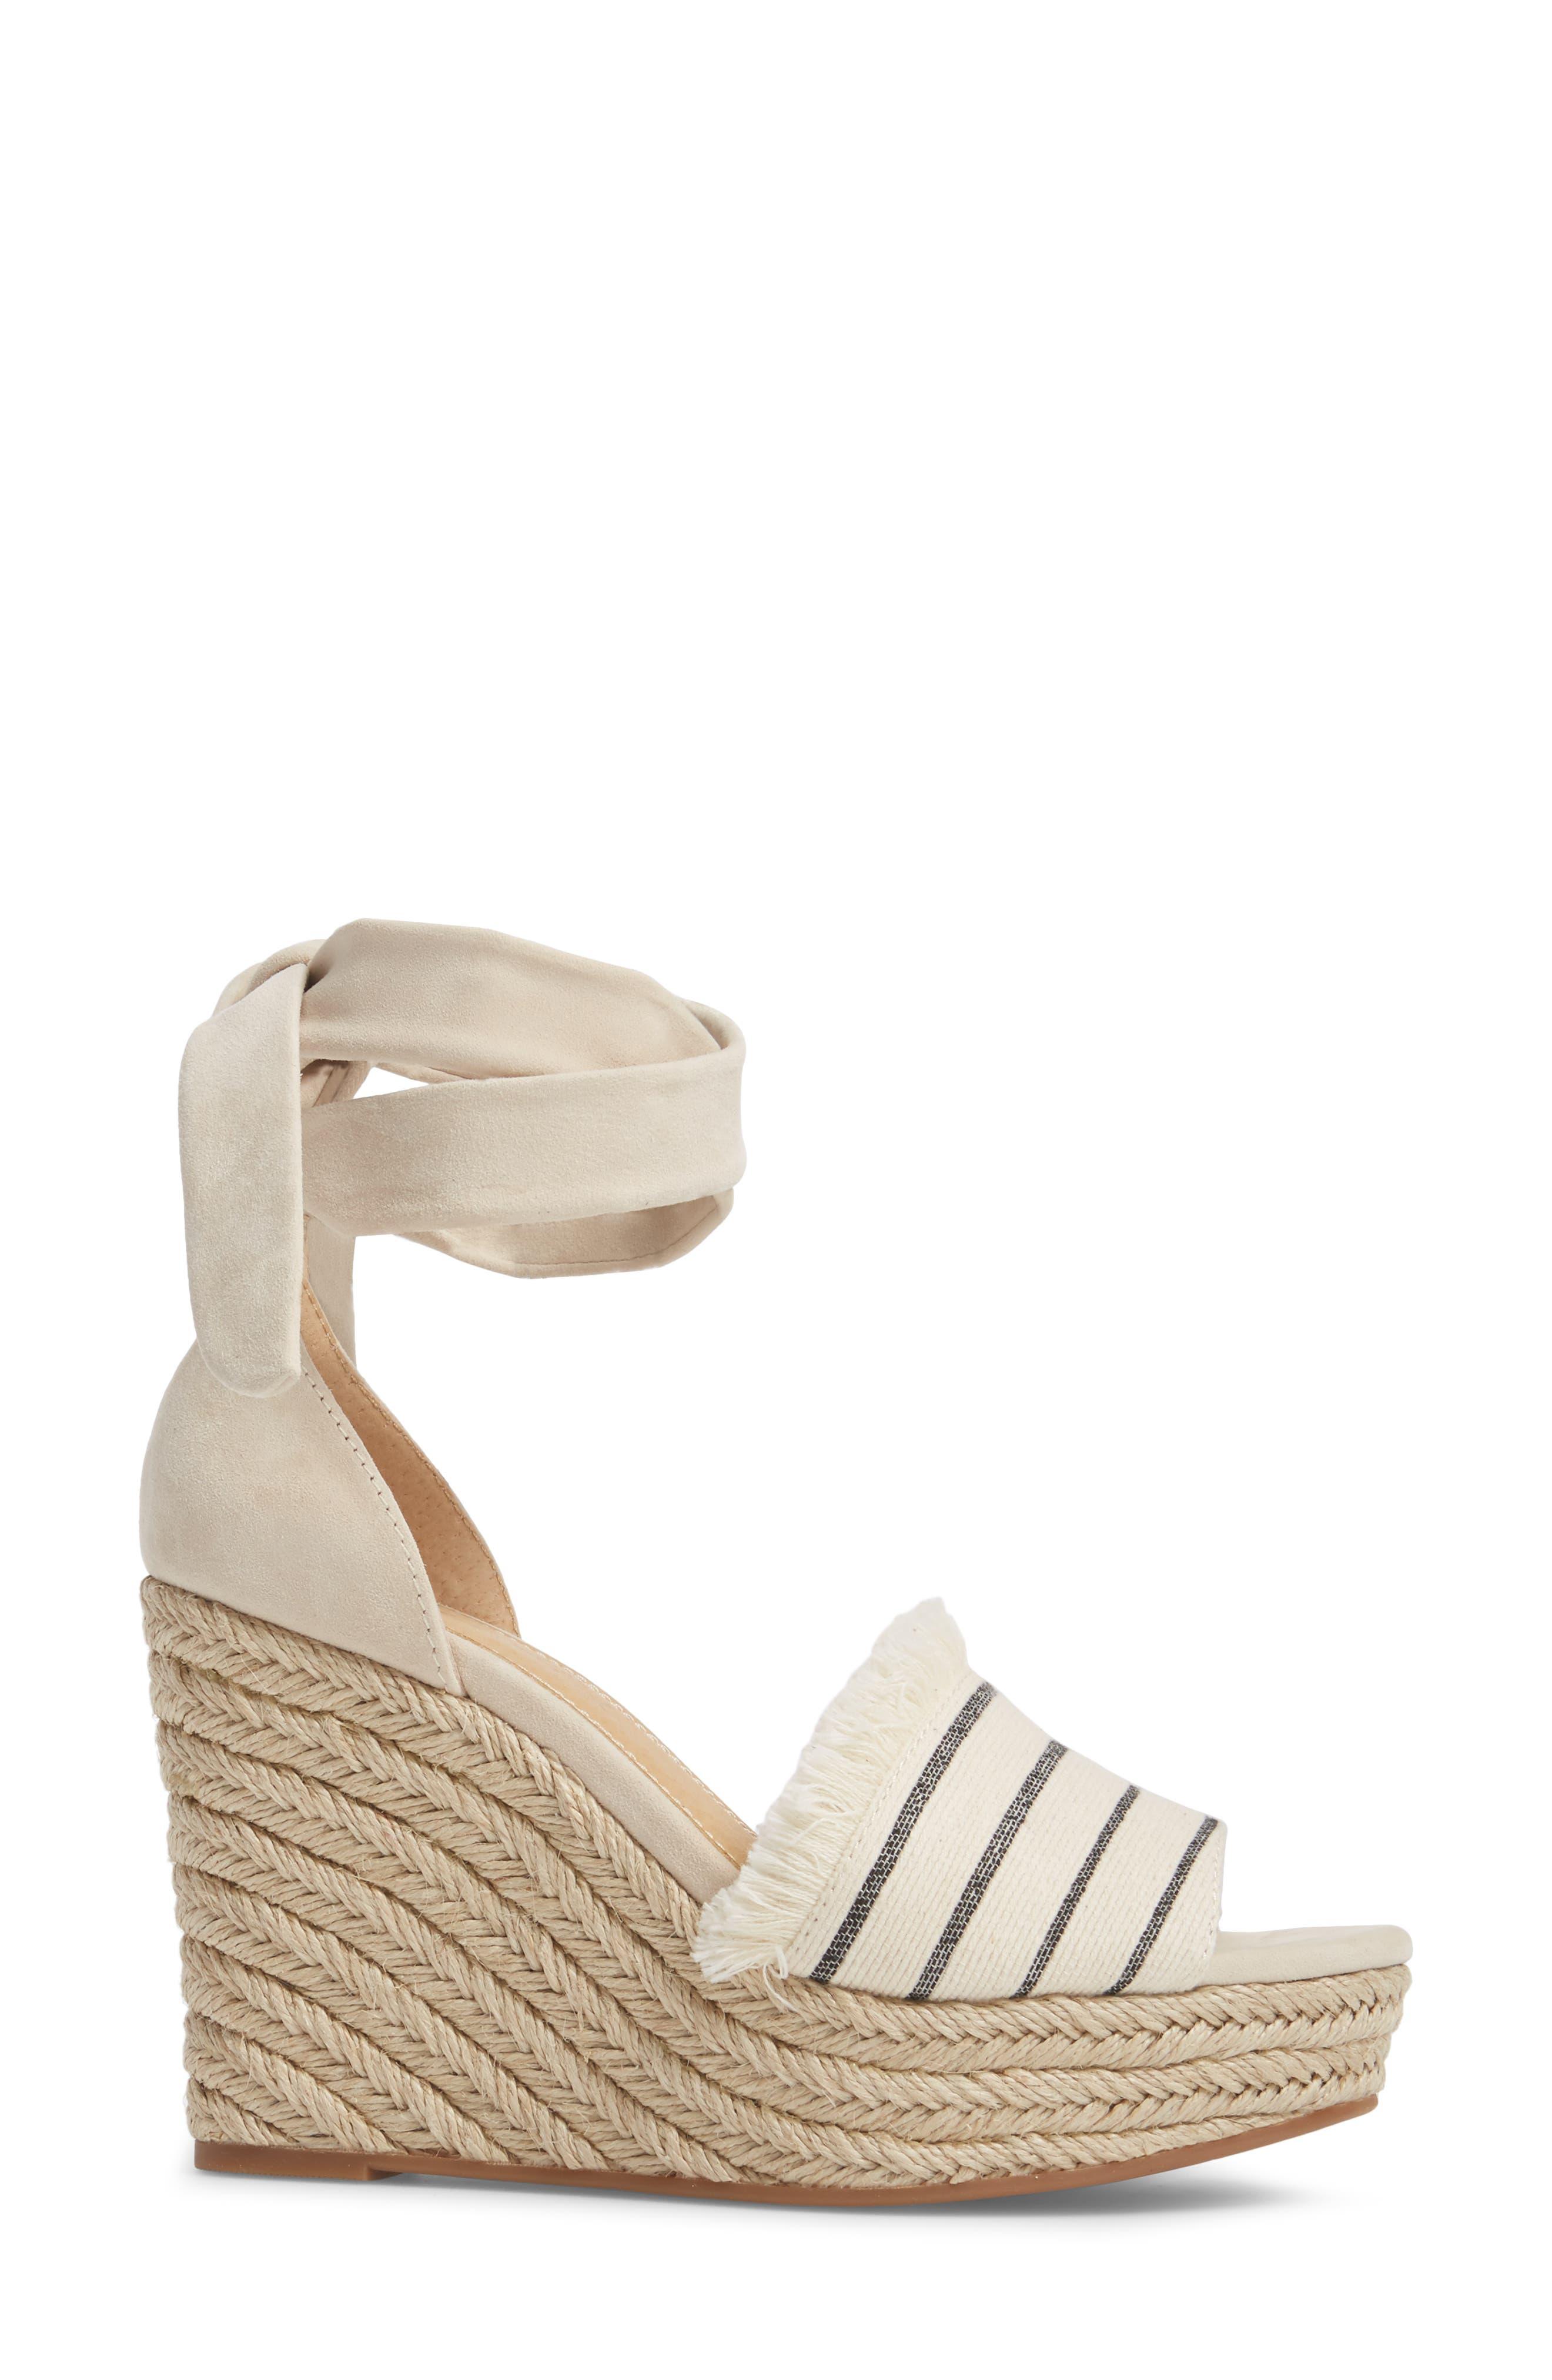 Alternate Image 3  - Splendid Barke Fringed Platform Wedge Sandal (Women)